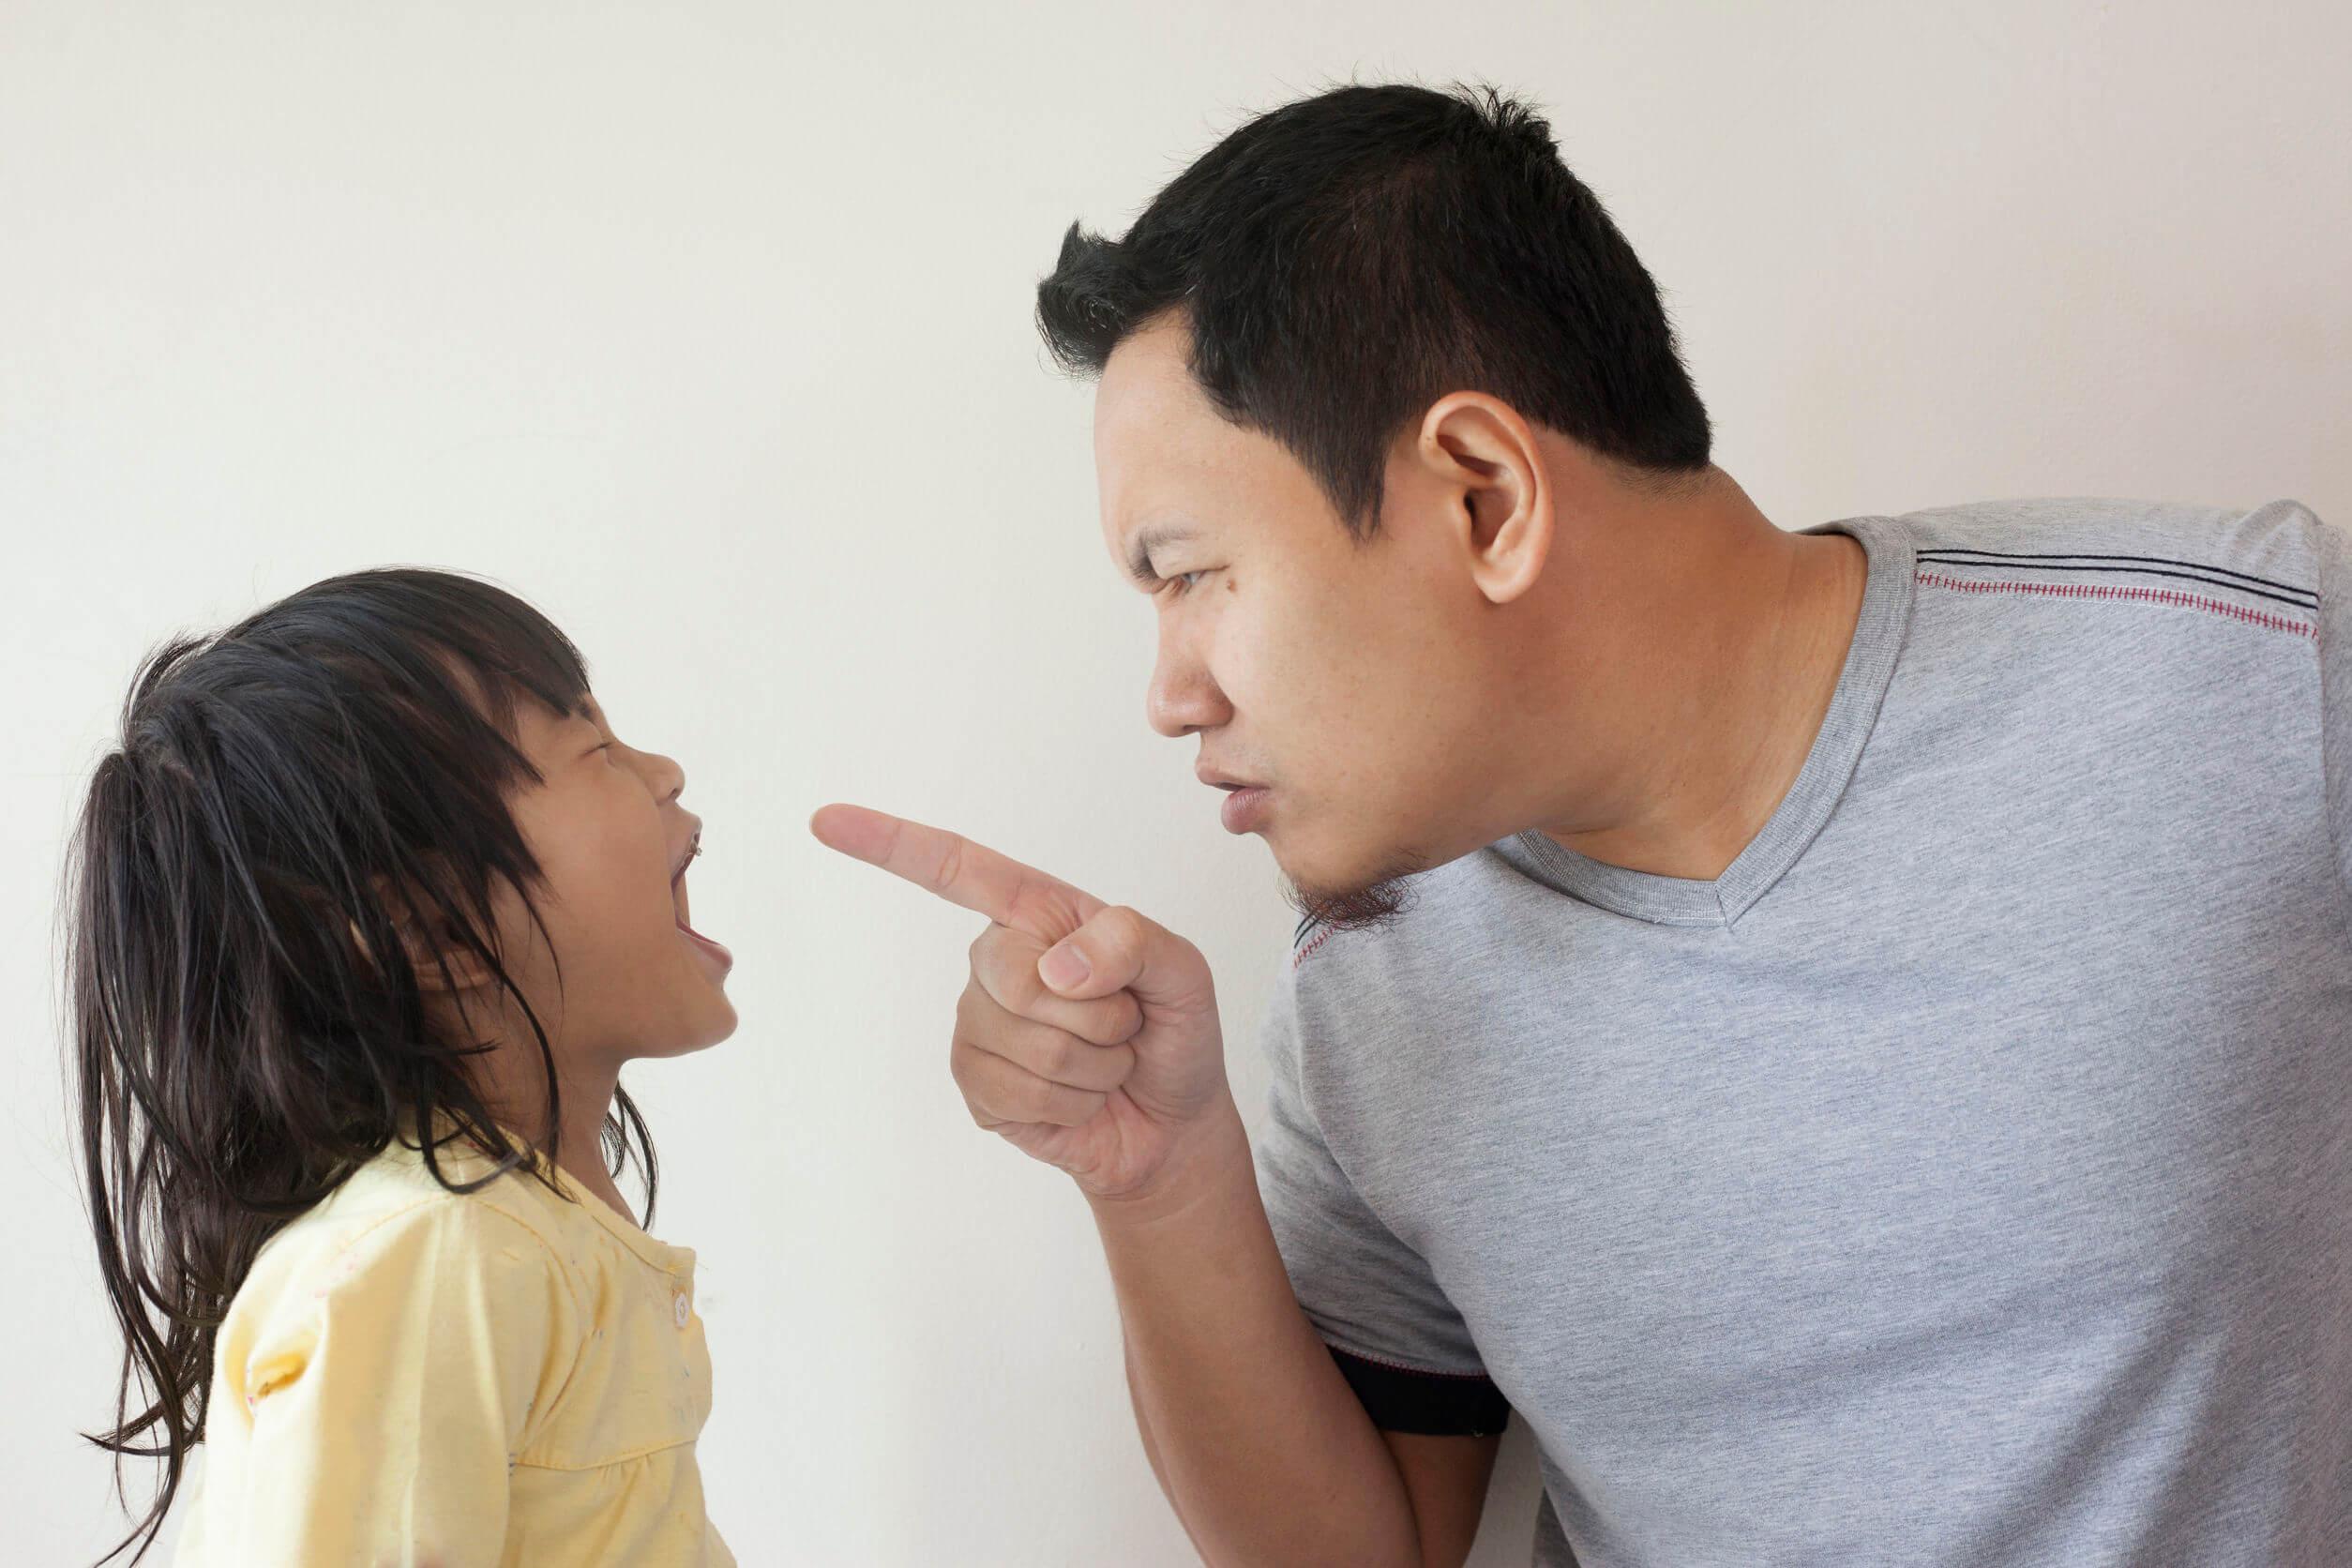 Padre regañando a su hija por sus malas contestaciones.